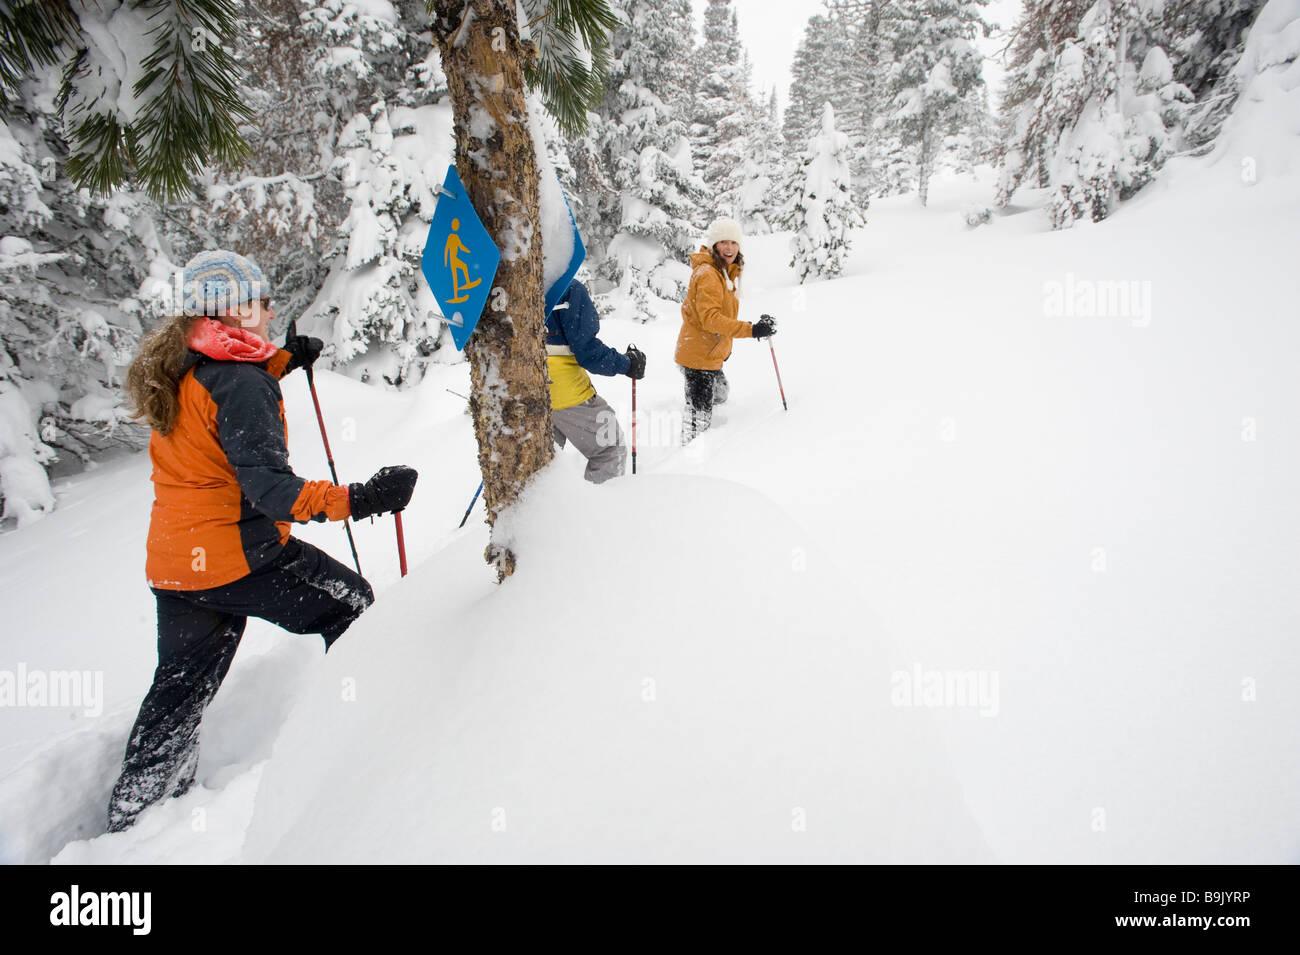 Rückansicht von drei Personen in Schneeschuhen mit Skistöcke vorbeigehen ein Schneeschuh-Trail-Zeichen Stockbild